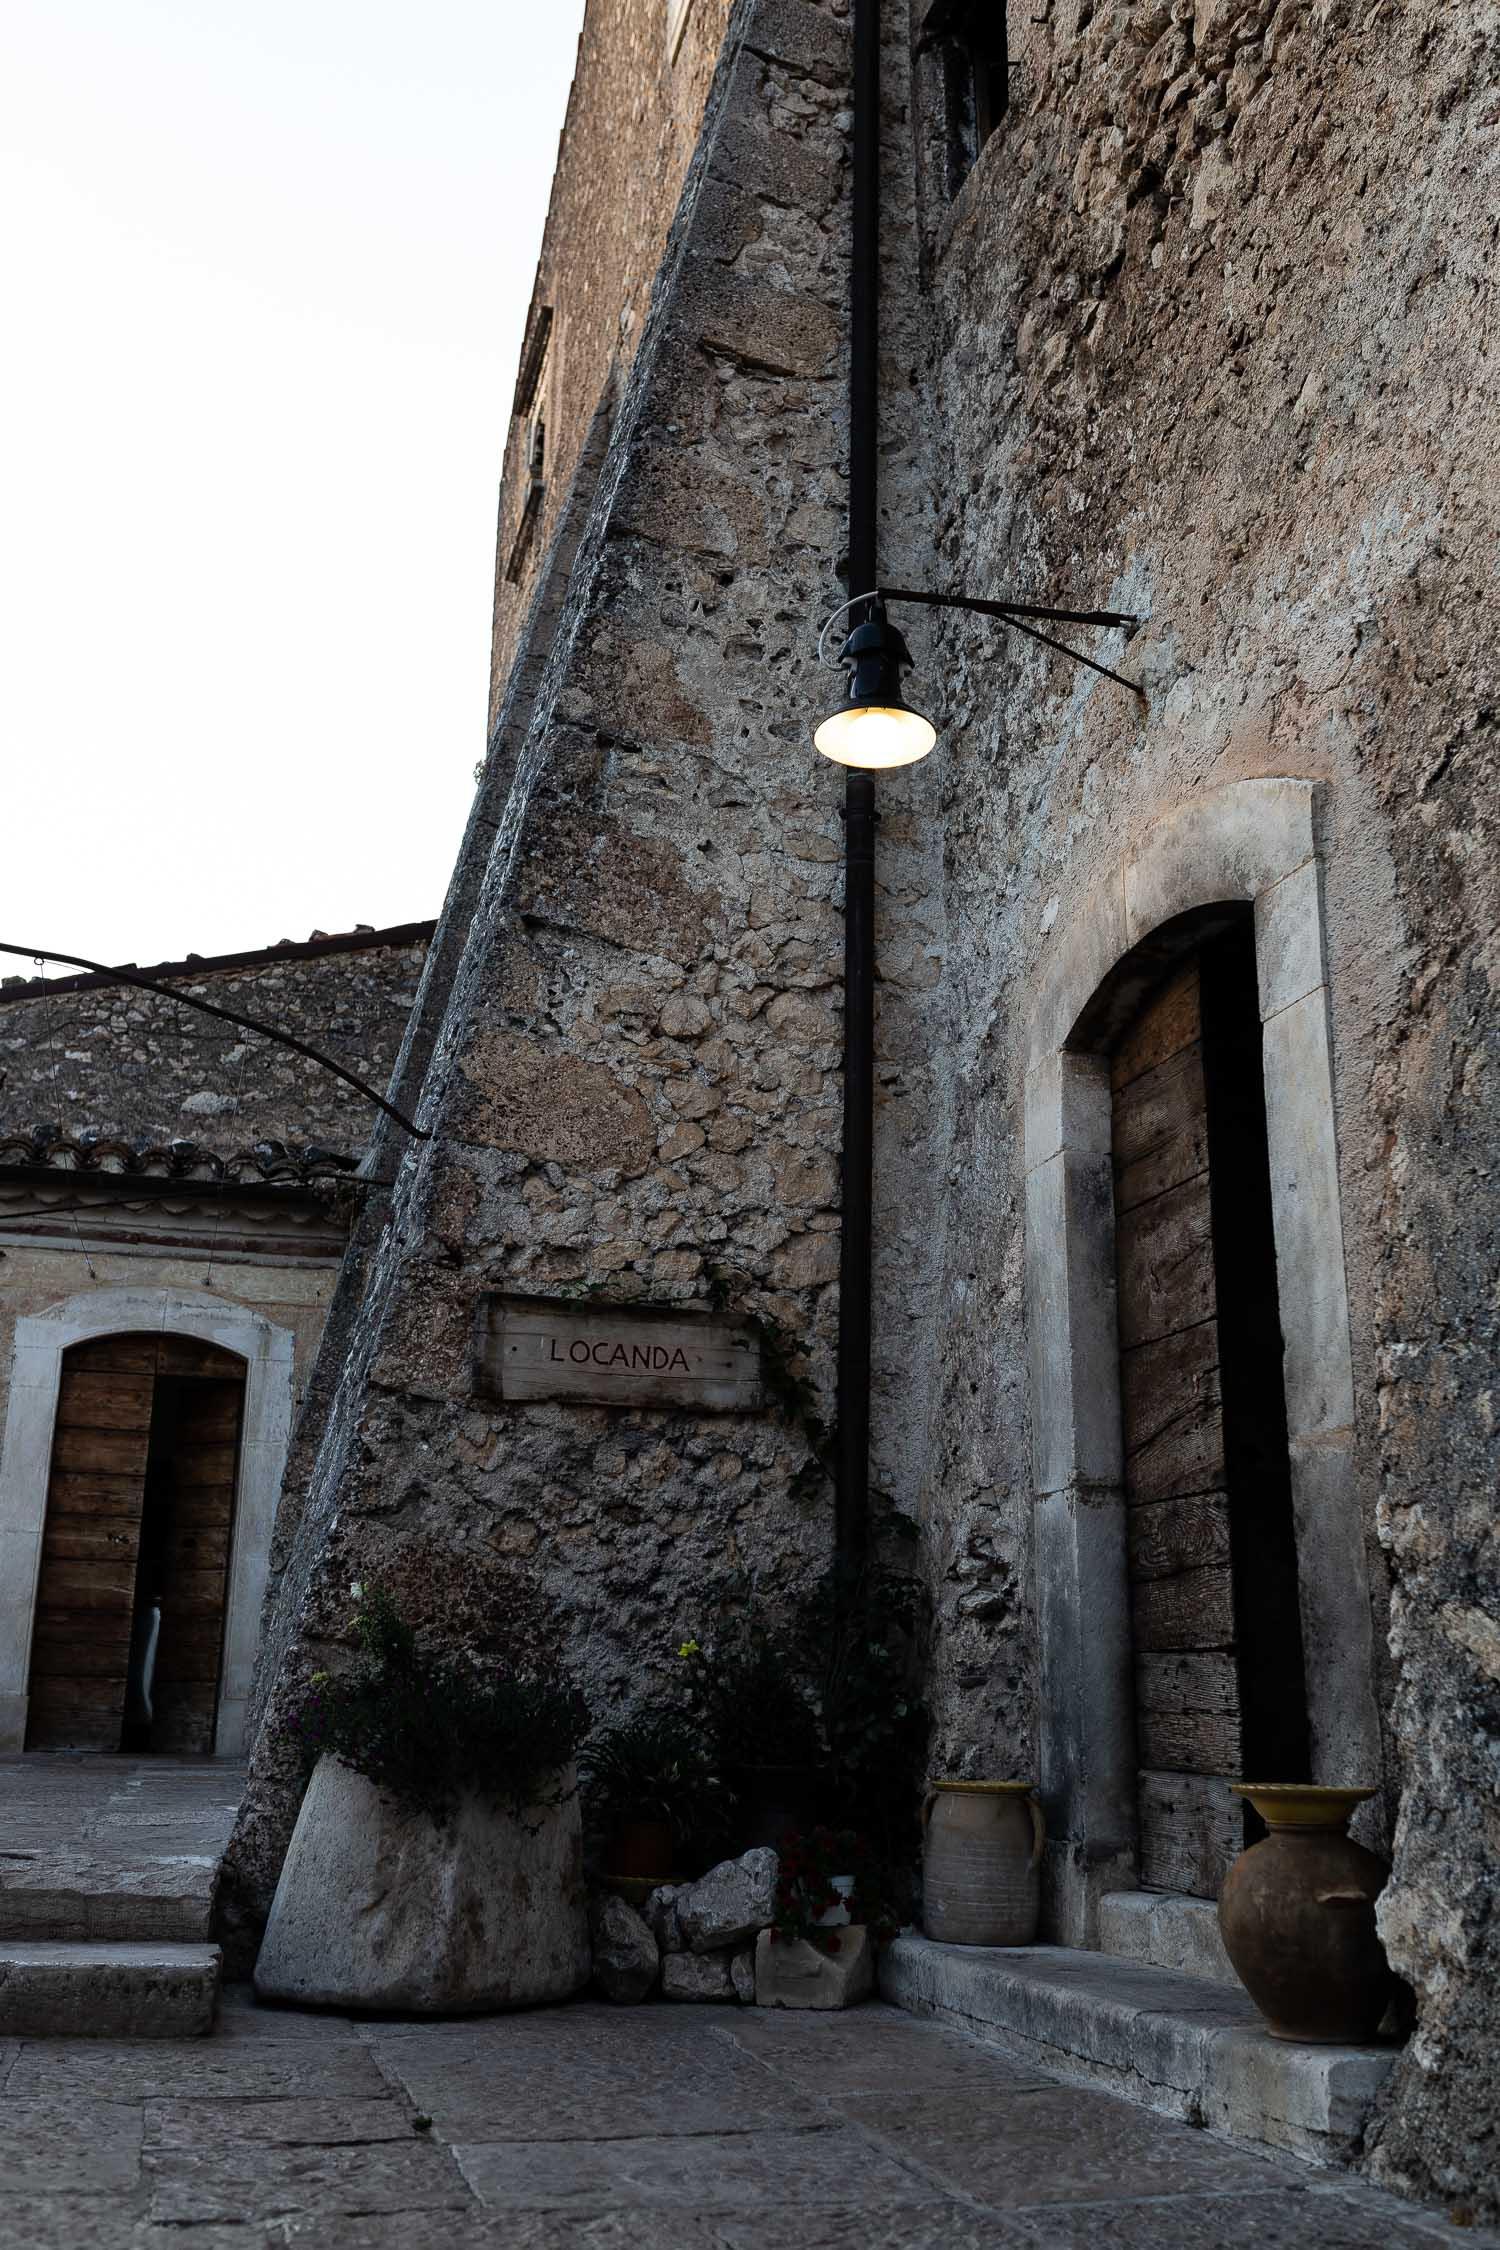 Santo-Stefano-Di-Sessanio-Restaurant-Abruzzo-5605.jpg